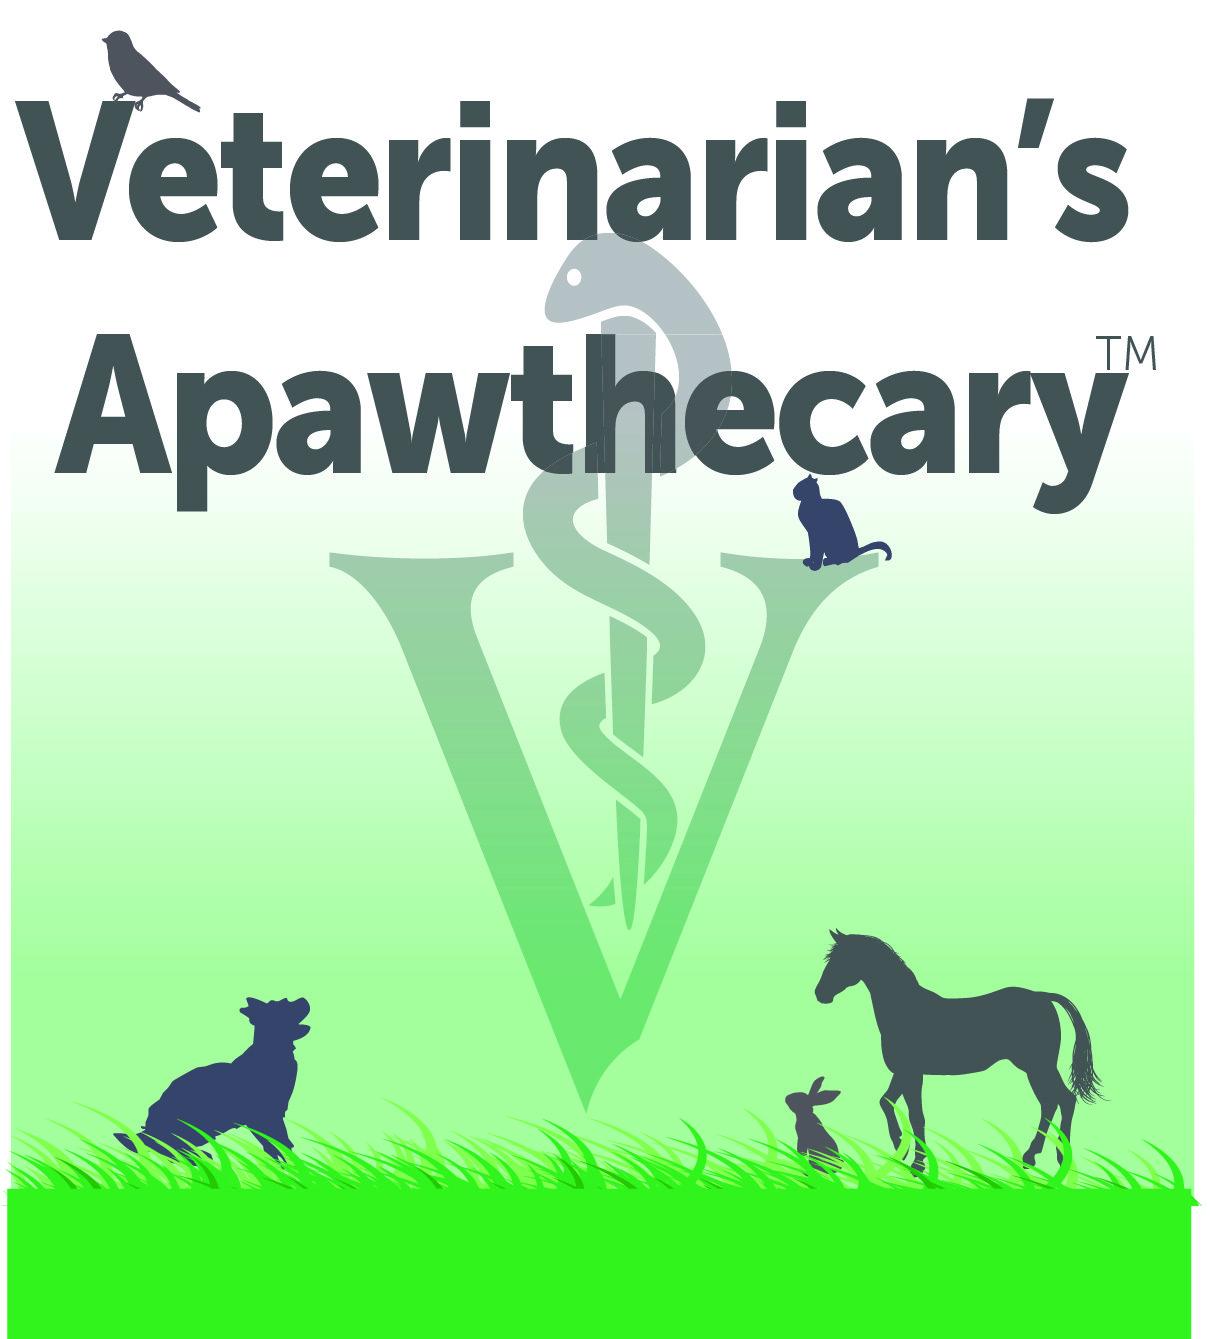 Veterinarians Apawthecary